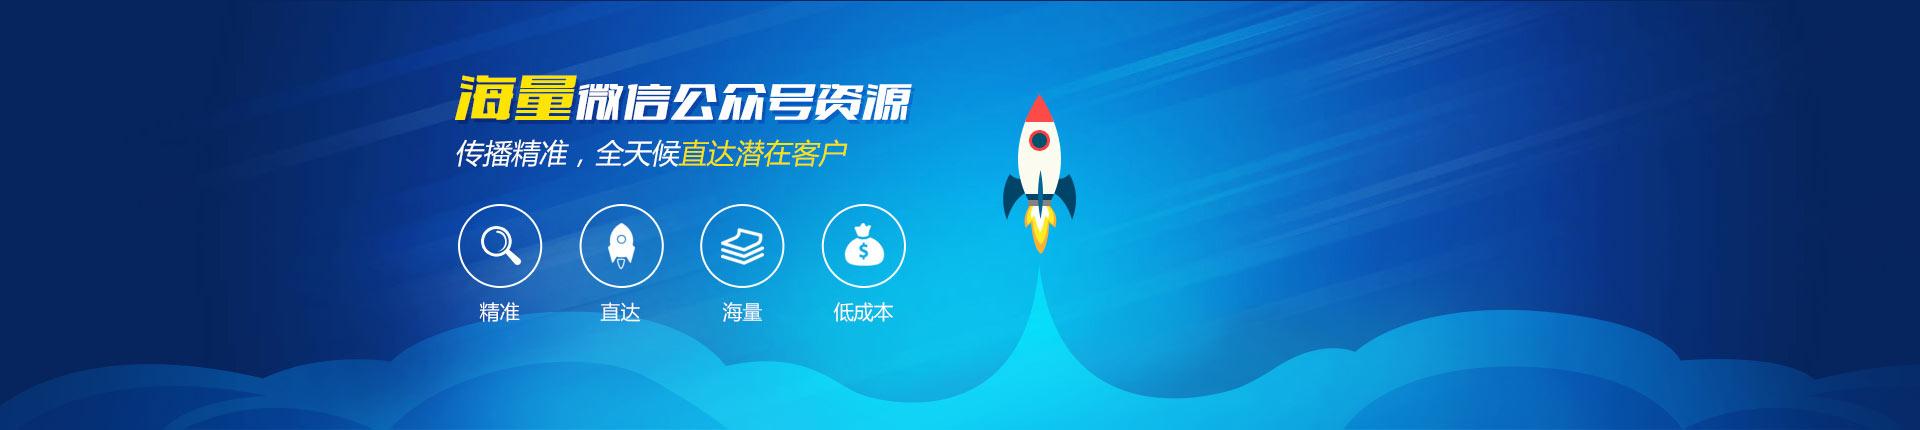 社会化营销推广平台